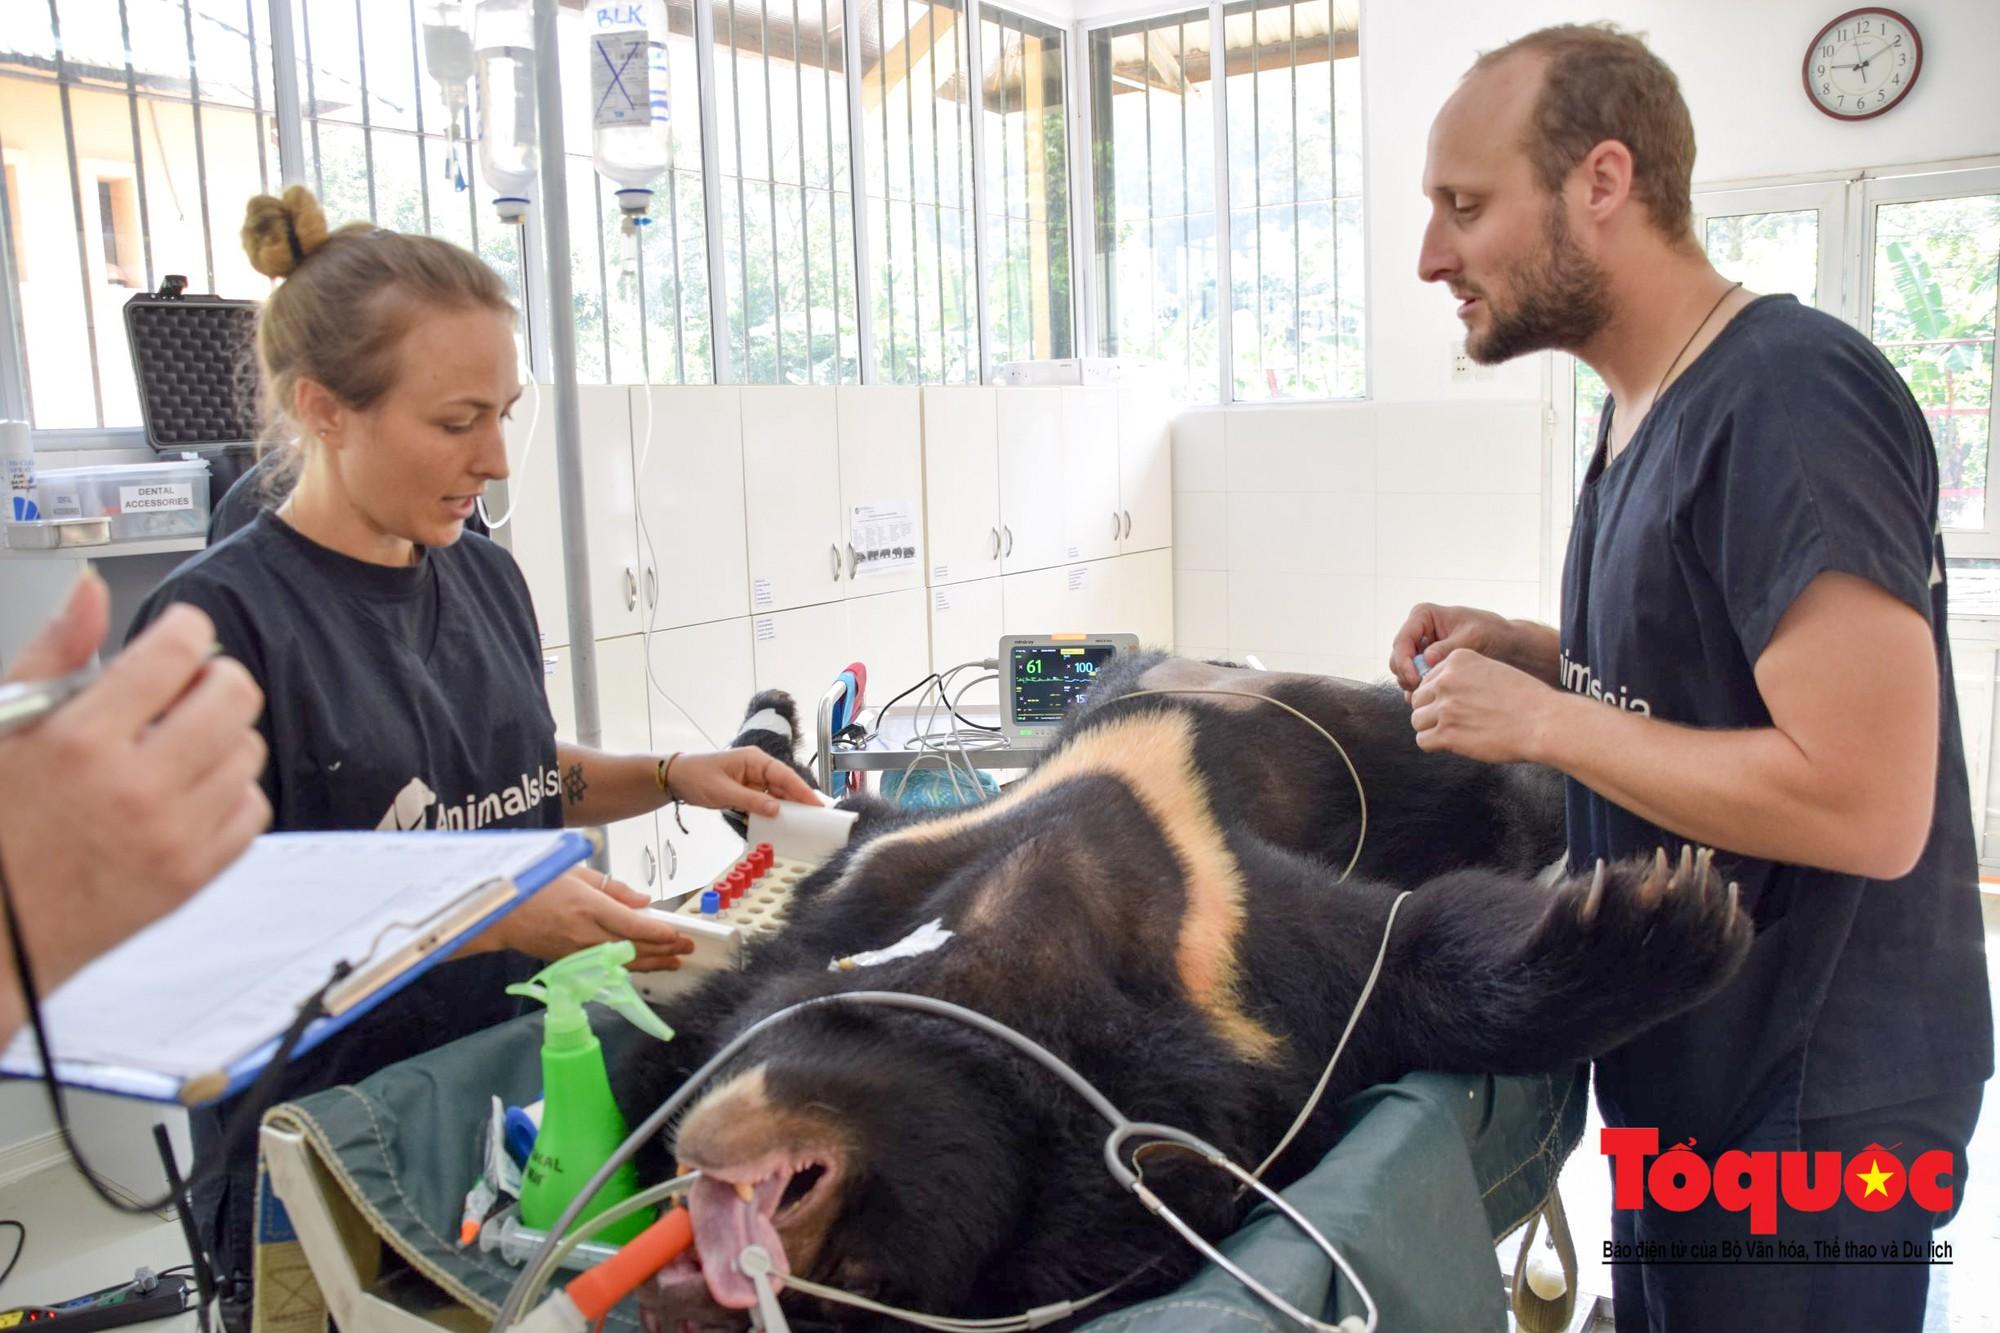 Ngôi sao Hollywood người Mỹ gốc Việt Maggie Q thăm Trung tâm Cứu hộ Gấu Việt Nam và đặt tên cho một chú gấu3